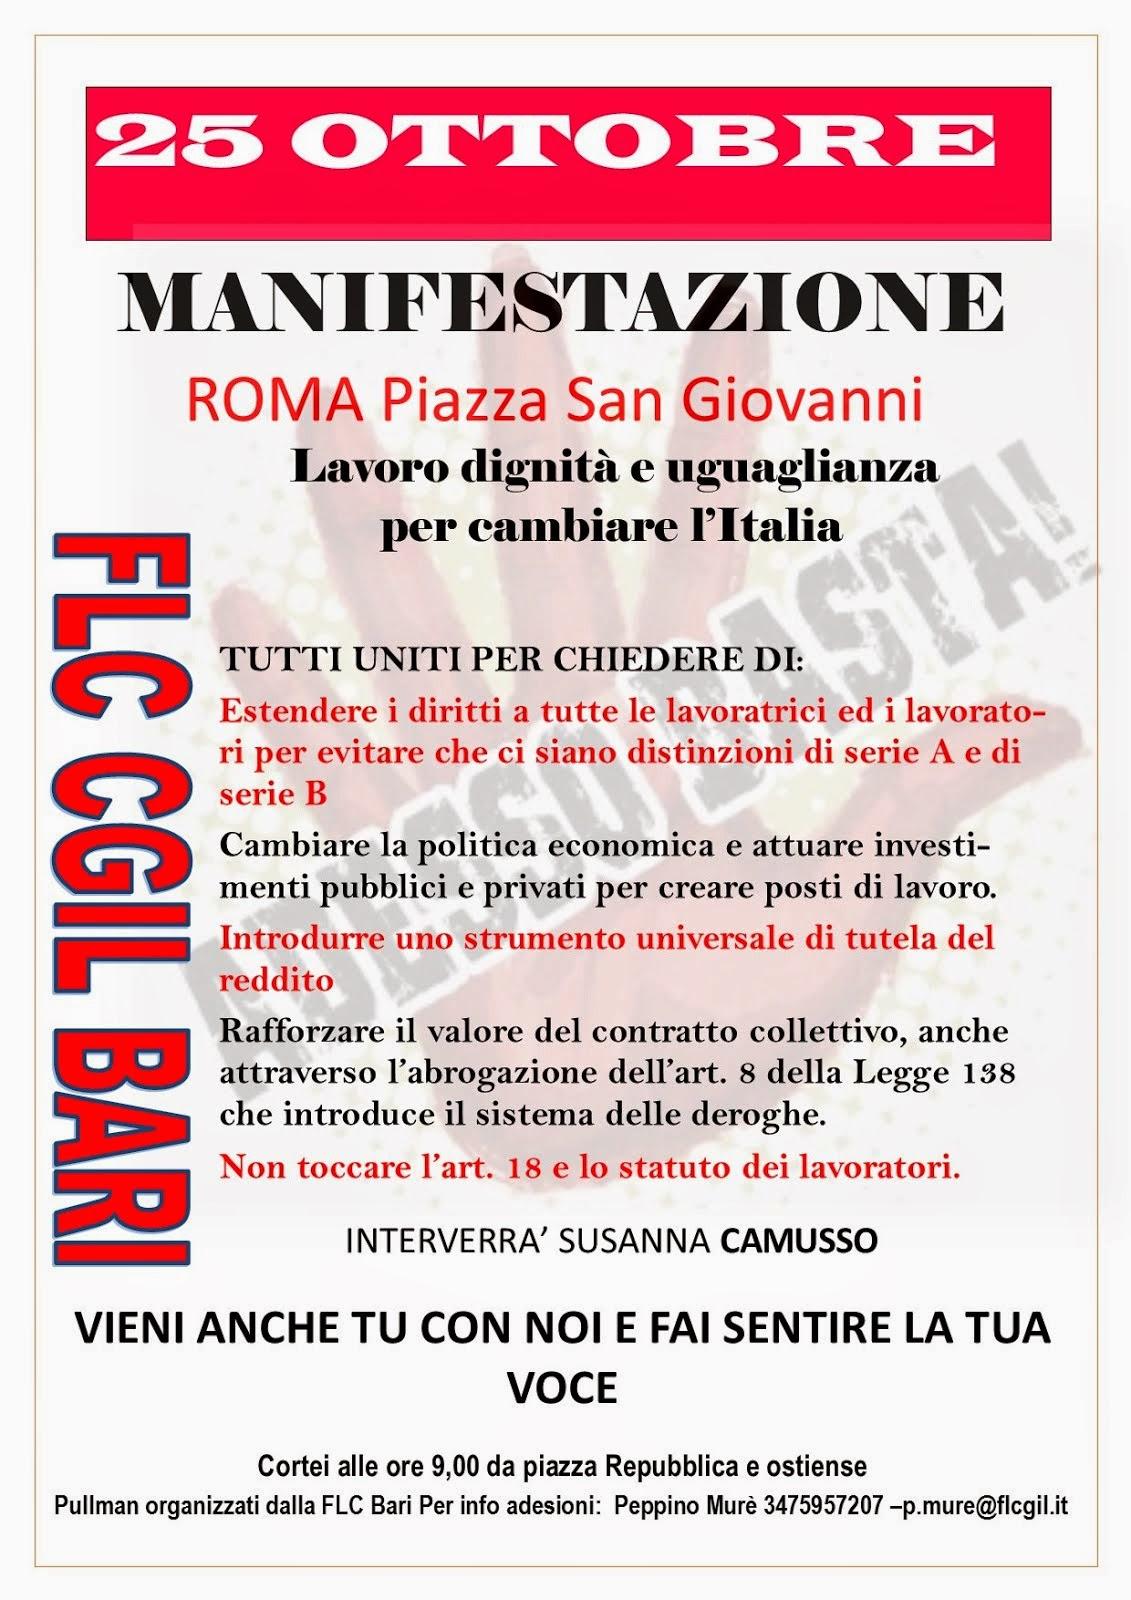 25 ottobre: tutti a Roma!